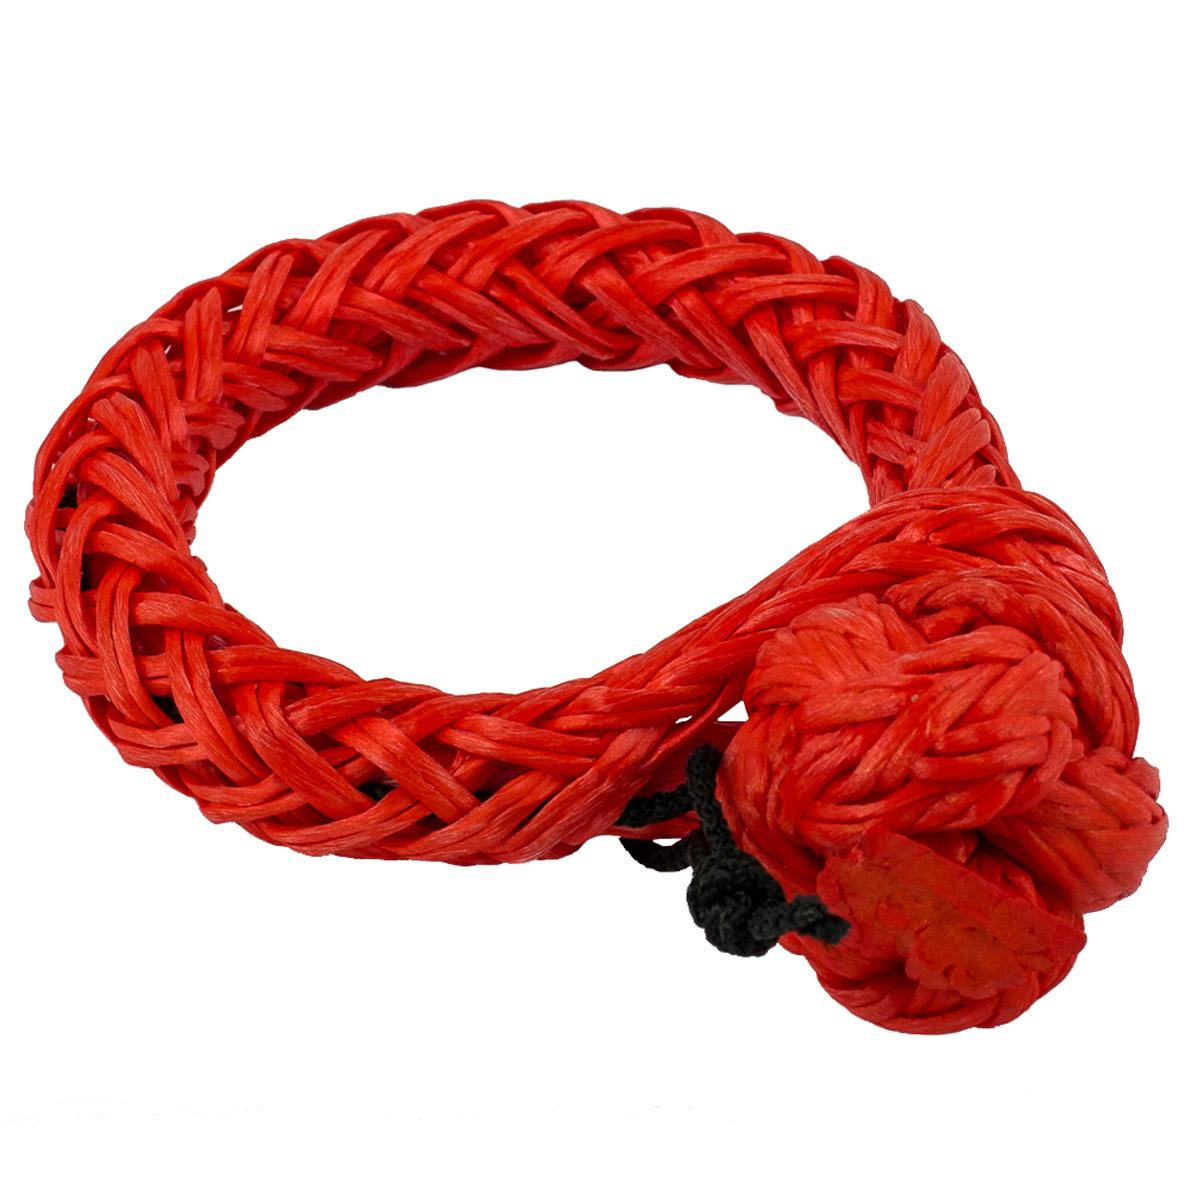 Софт-шакл PRO-4x4, цвет: красный, диаметр 10 ммPRO-SHS-000010Софт-шакл изготовлен из синтетического троса и предназначен для крепления строп к проушинам автомобиля, а также соединению между собой тросов, удлинителей и т.п.Преимущества софт шакла:Вес.Травмобезопасность при использовании в отношении людей и кузовных деталей.Отсутствие деталей и как следствие невозможность их потери.Возможность использования с проушинами сложной формы или малого размера.Прост в использовании, не закусывает при рывке и не требует наличия физической силы или инструмента.Не ржавеет.Технические характеристики:Материал - синтетический трос Dyneema 10 мм.Вес - 65 г.Максимальная нагрузка - 7900 кг.Диапазон рабочих температур от -35° С до +55°С.Длина - 410 мм.Диаметр кольца - 85 мм.